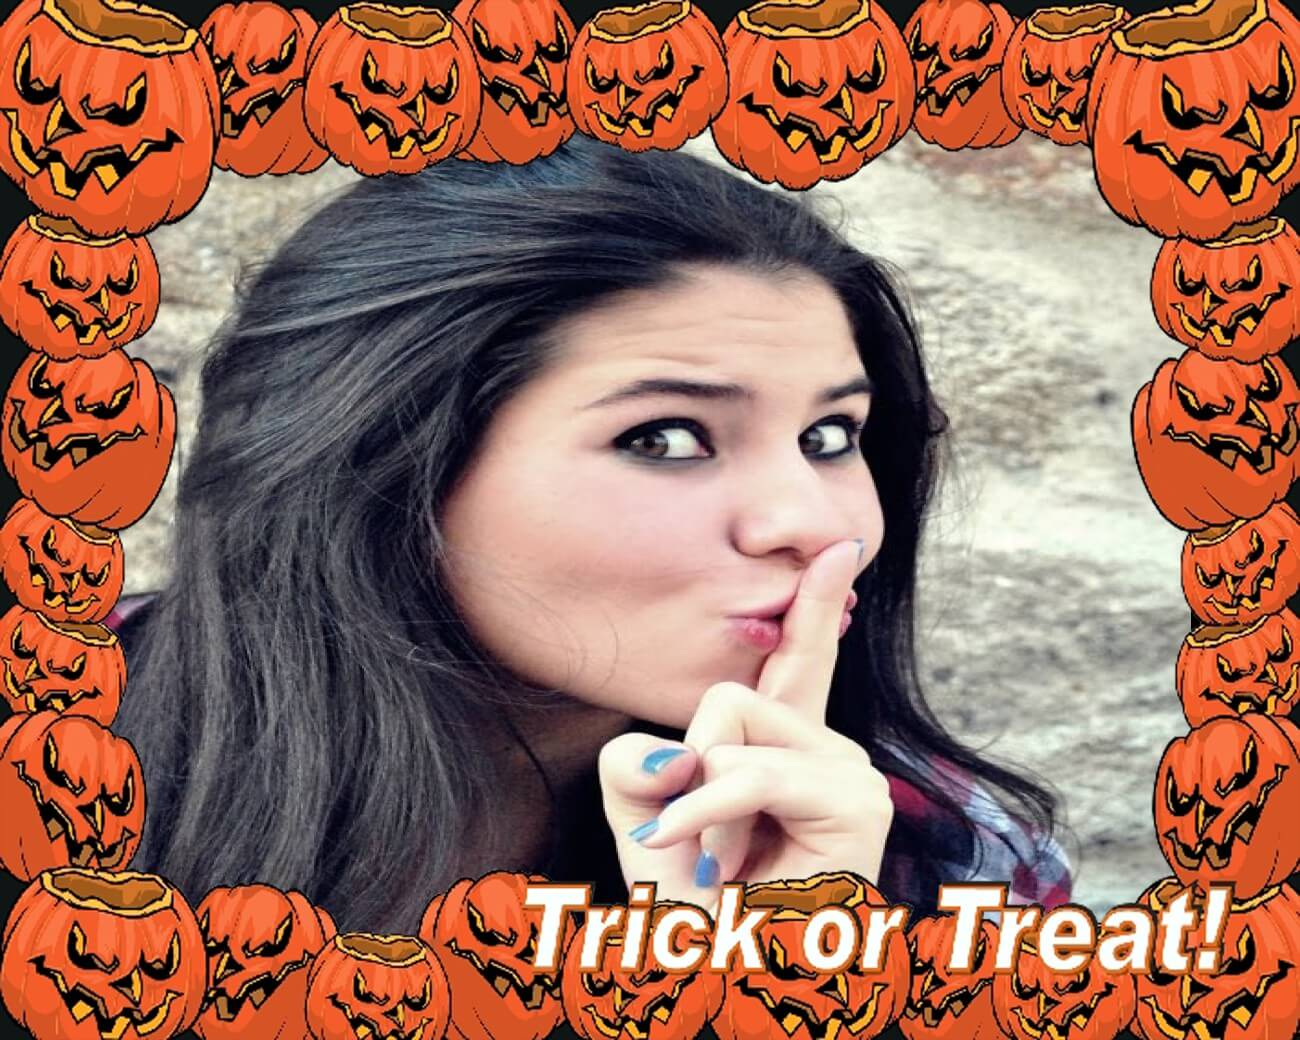 montar-foto-de-halloween-com-aboboras-terrorificas